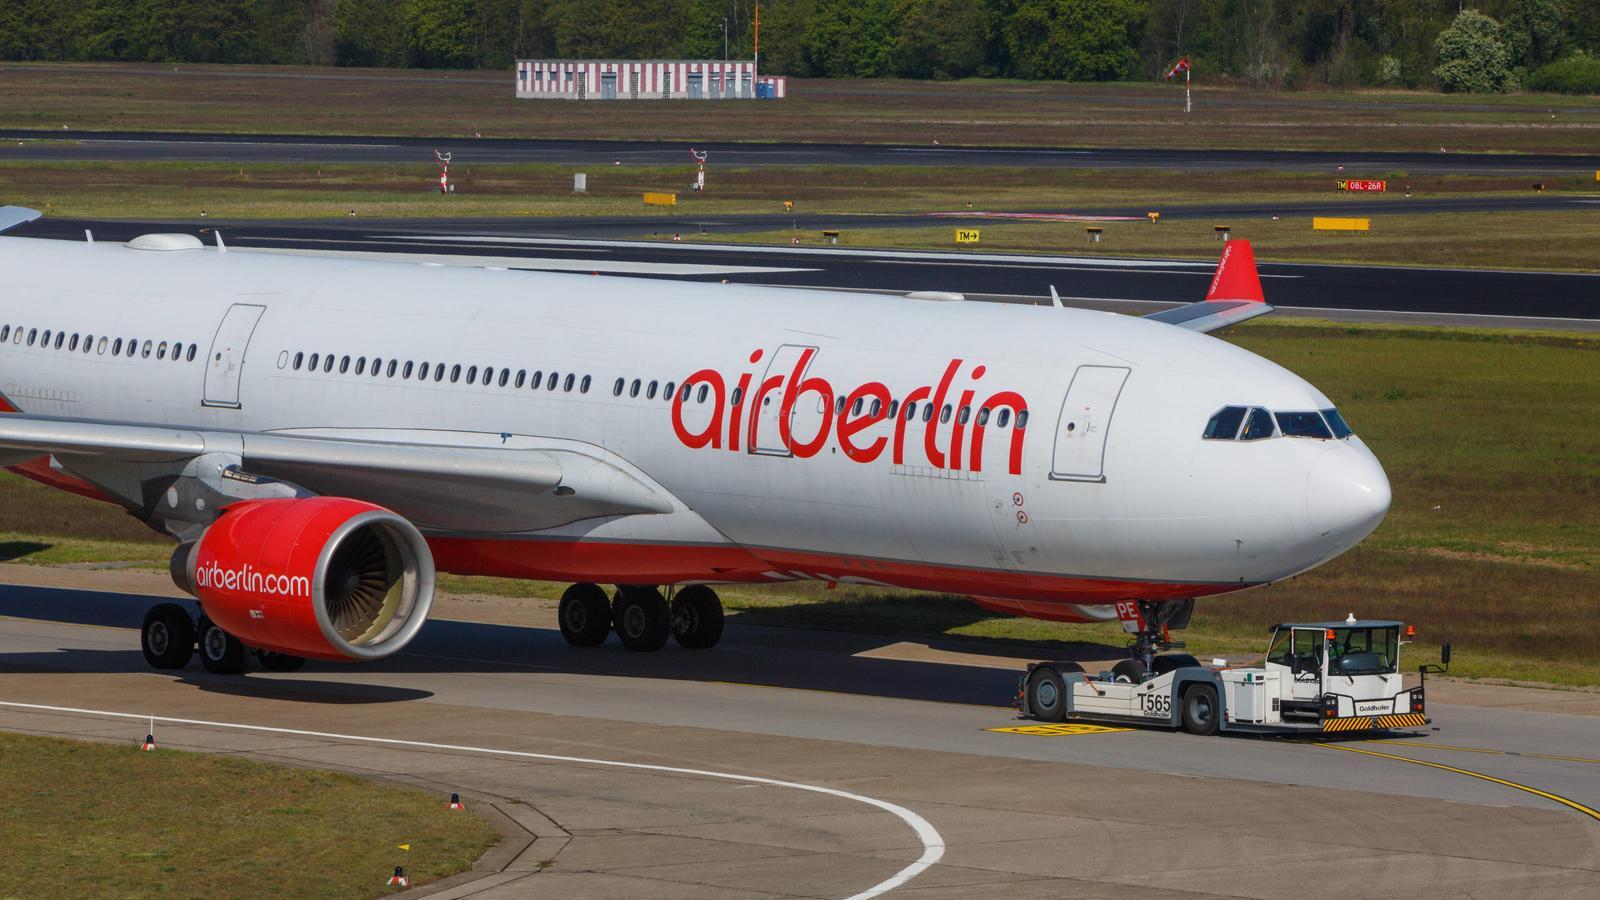 Laut eines internen Schreibens könnten 1.400 Air-Berlin-Mitarbeiter noch im Oktober arbeitslos werden.